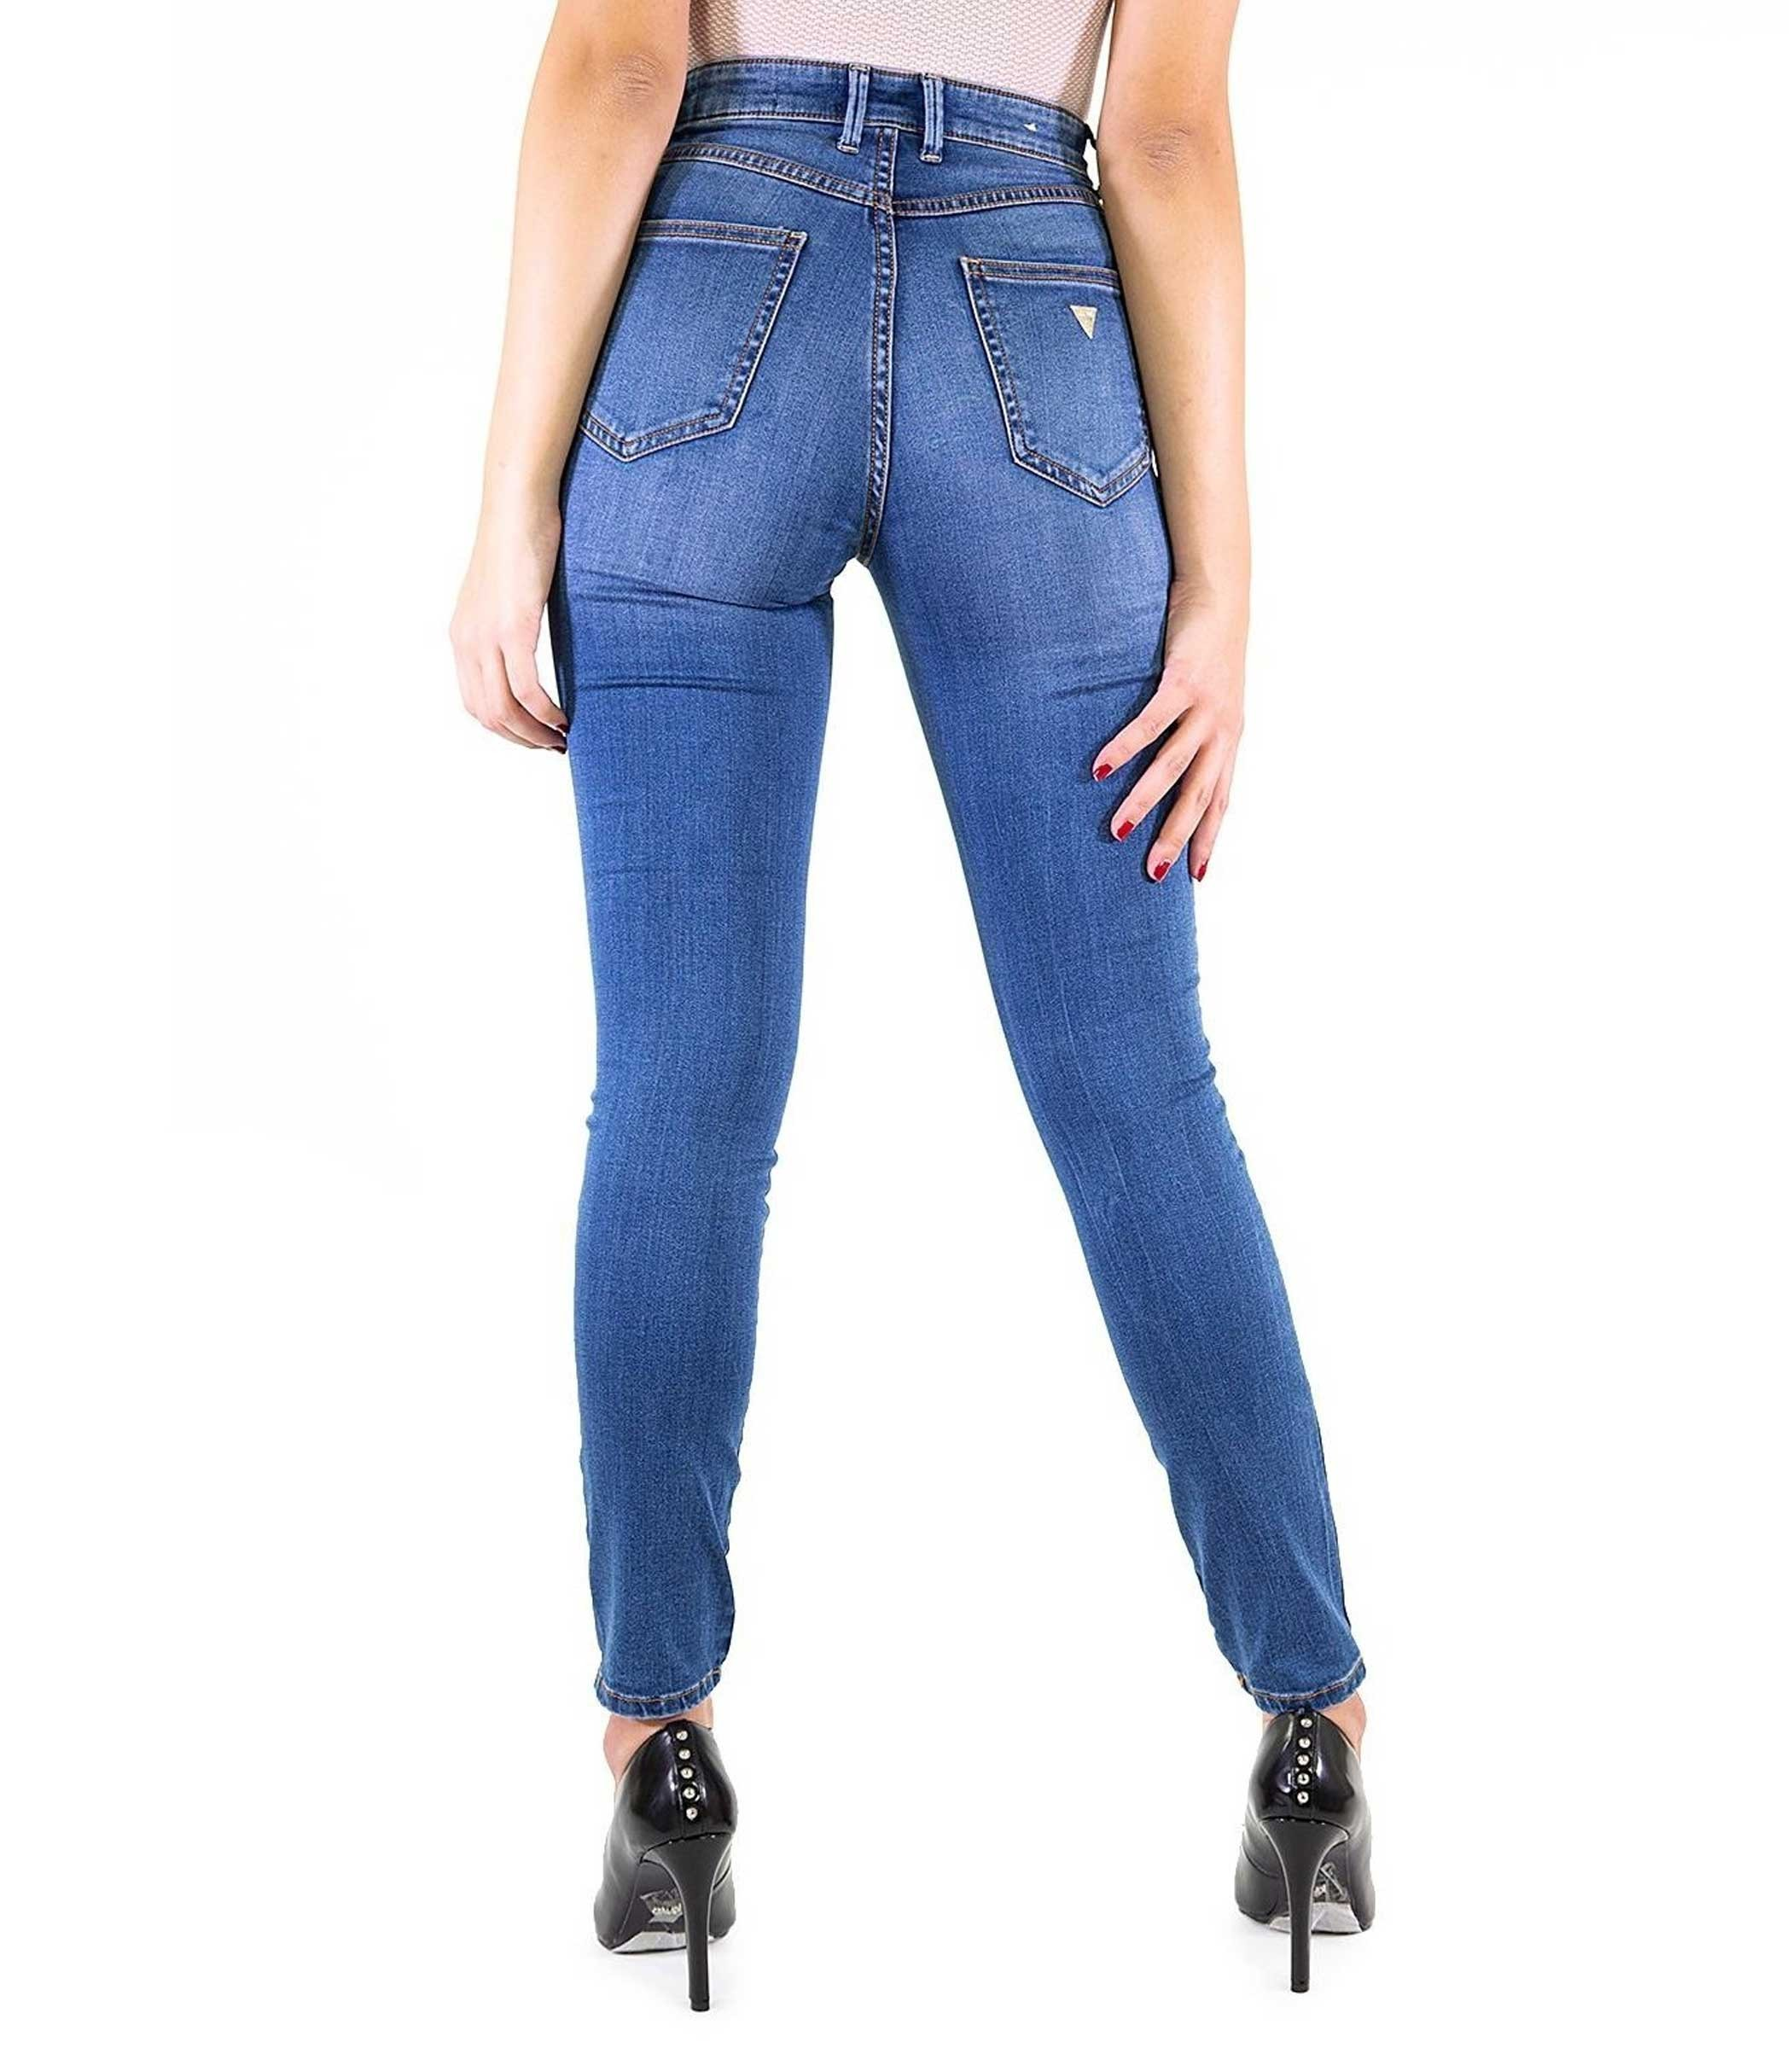 64ef747d7a6854 Jeans Guess 1981 originale vita alta da donna rif. W83A46D38N0